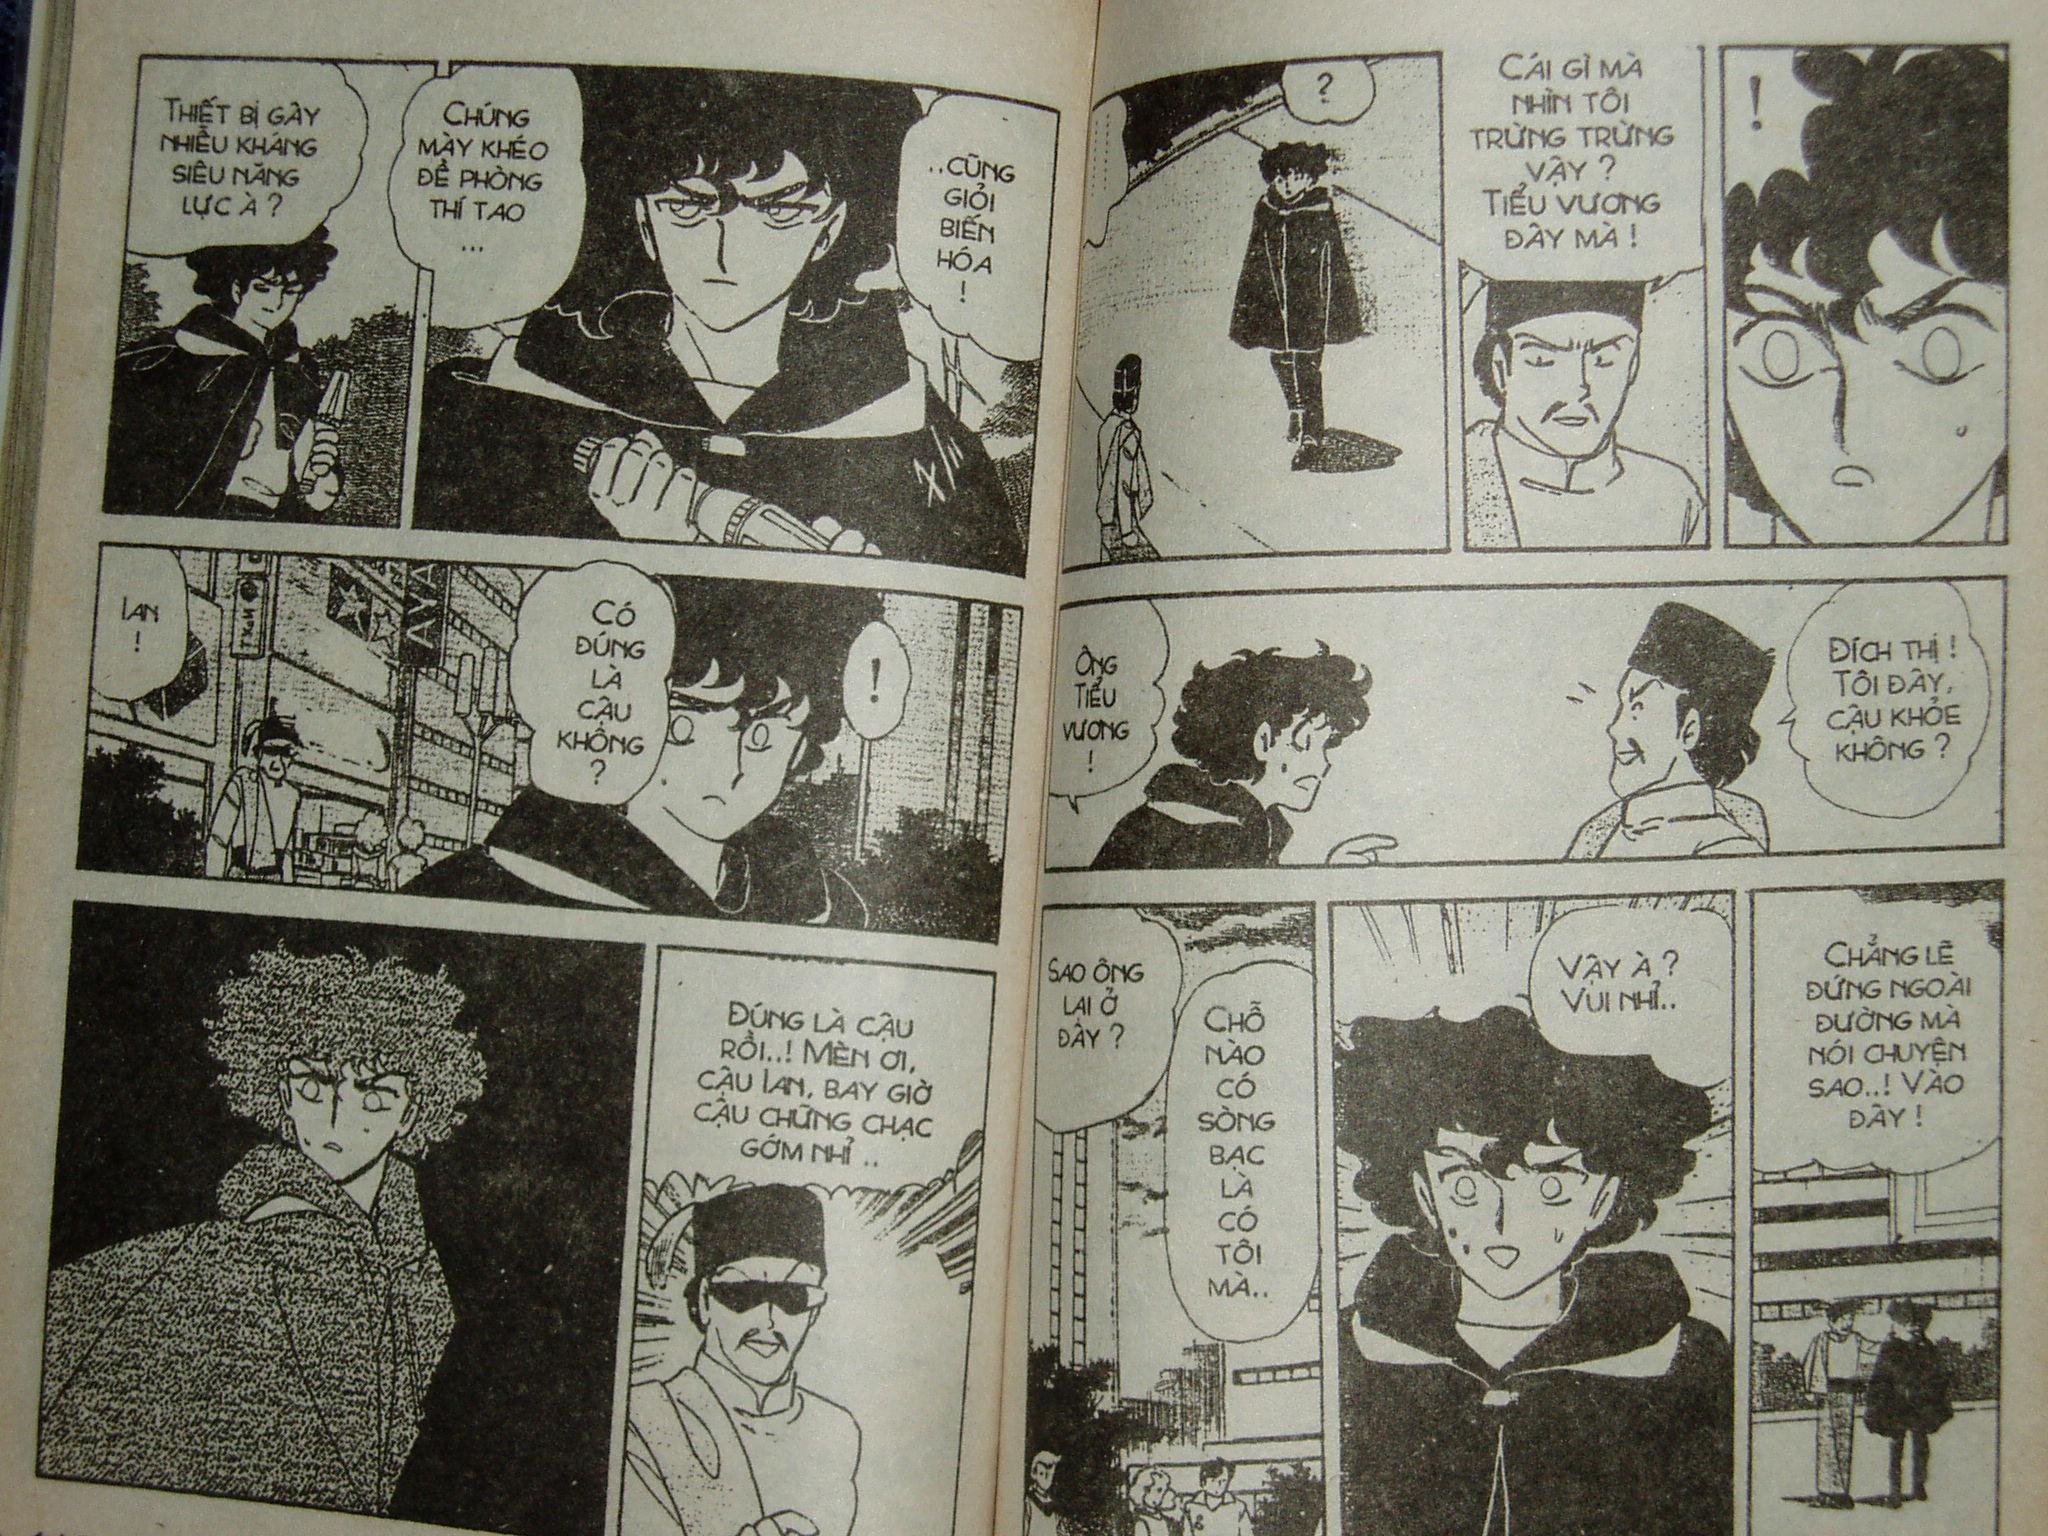 Siêu nhân Locke vol 14 trang 56